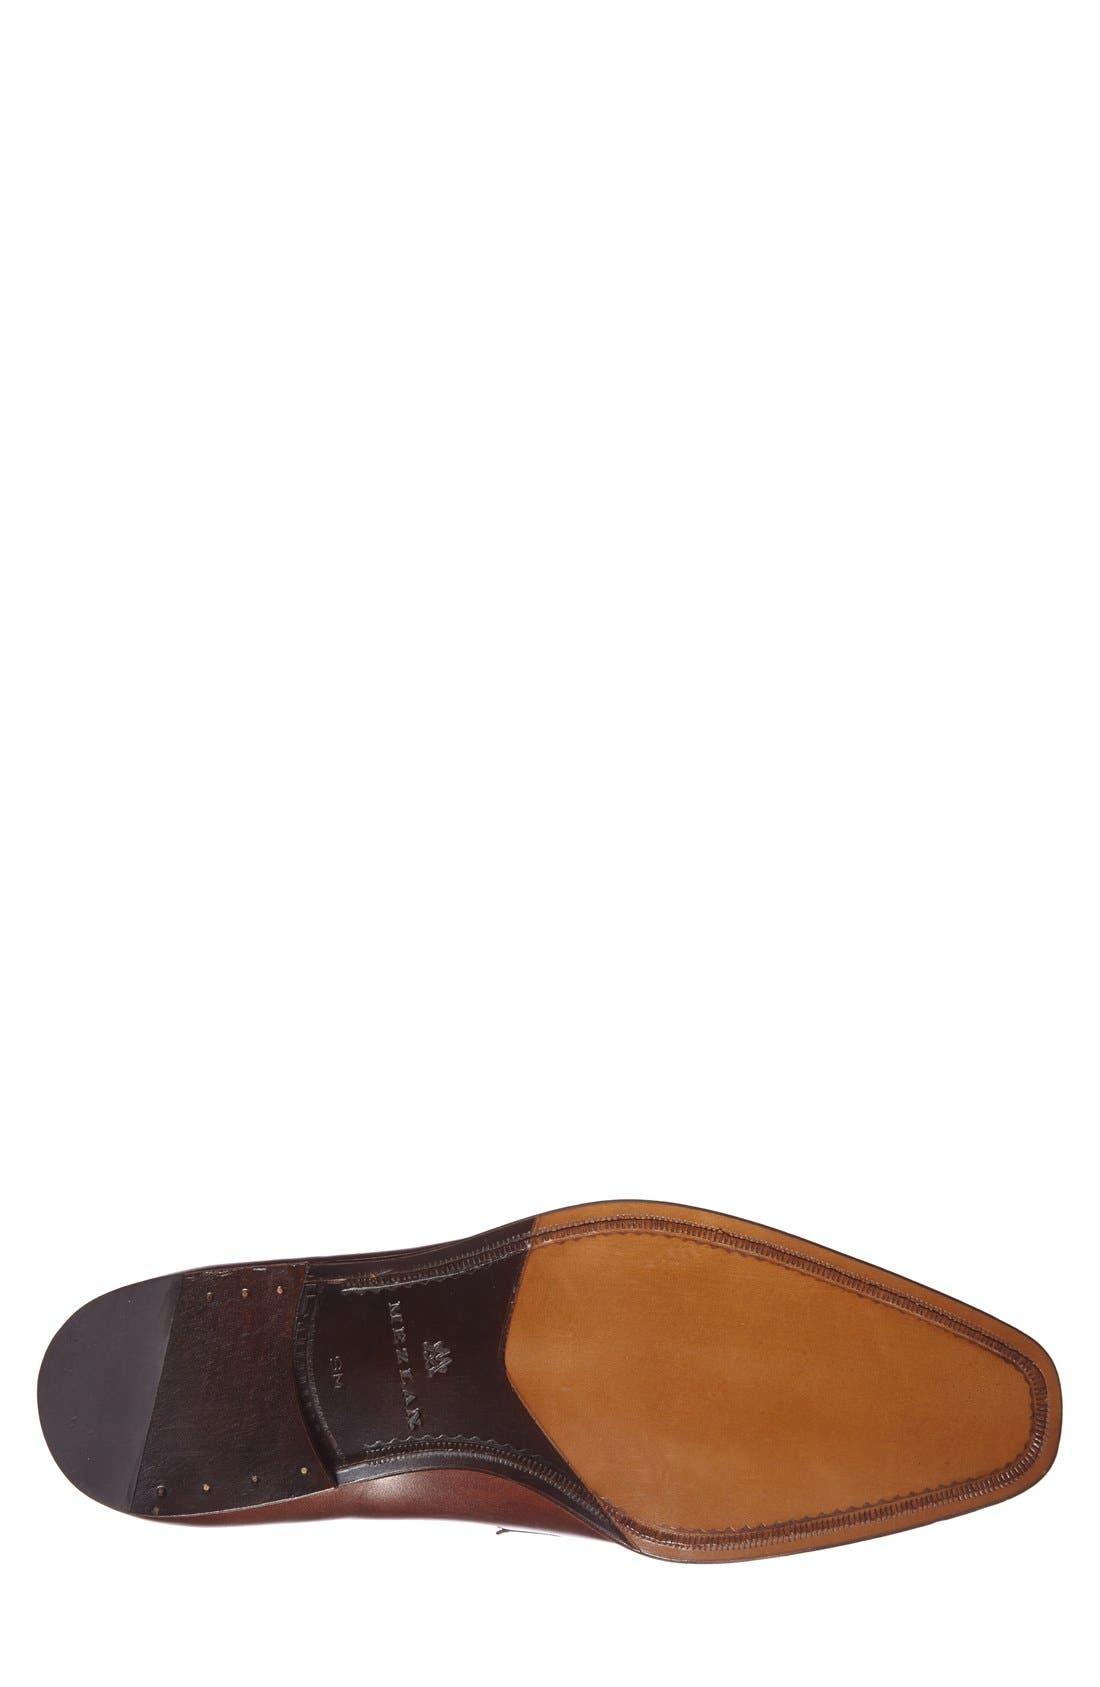 'Tours' Leather Bit Loafer,                             Alternate thumbnail 4, color,                             Cognac